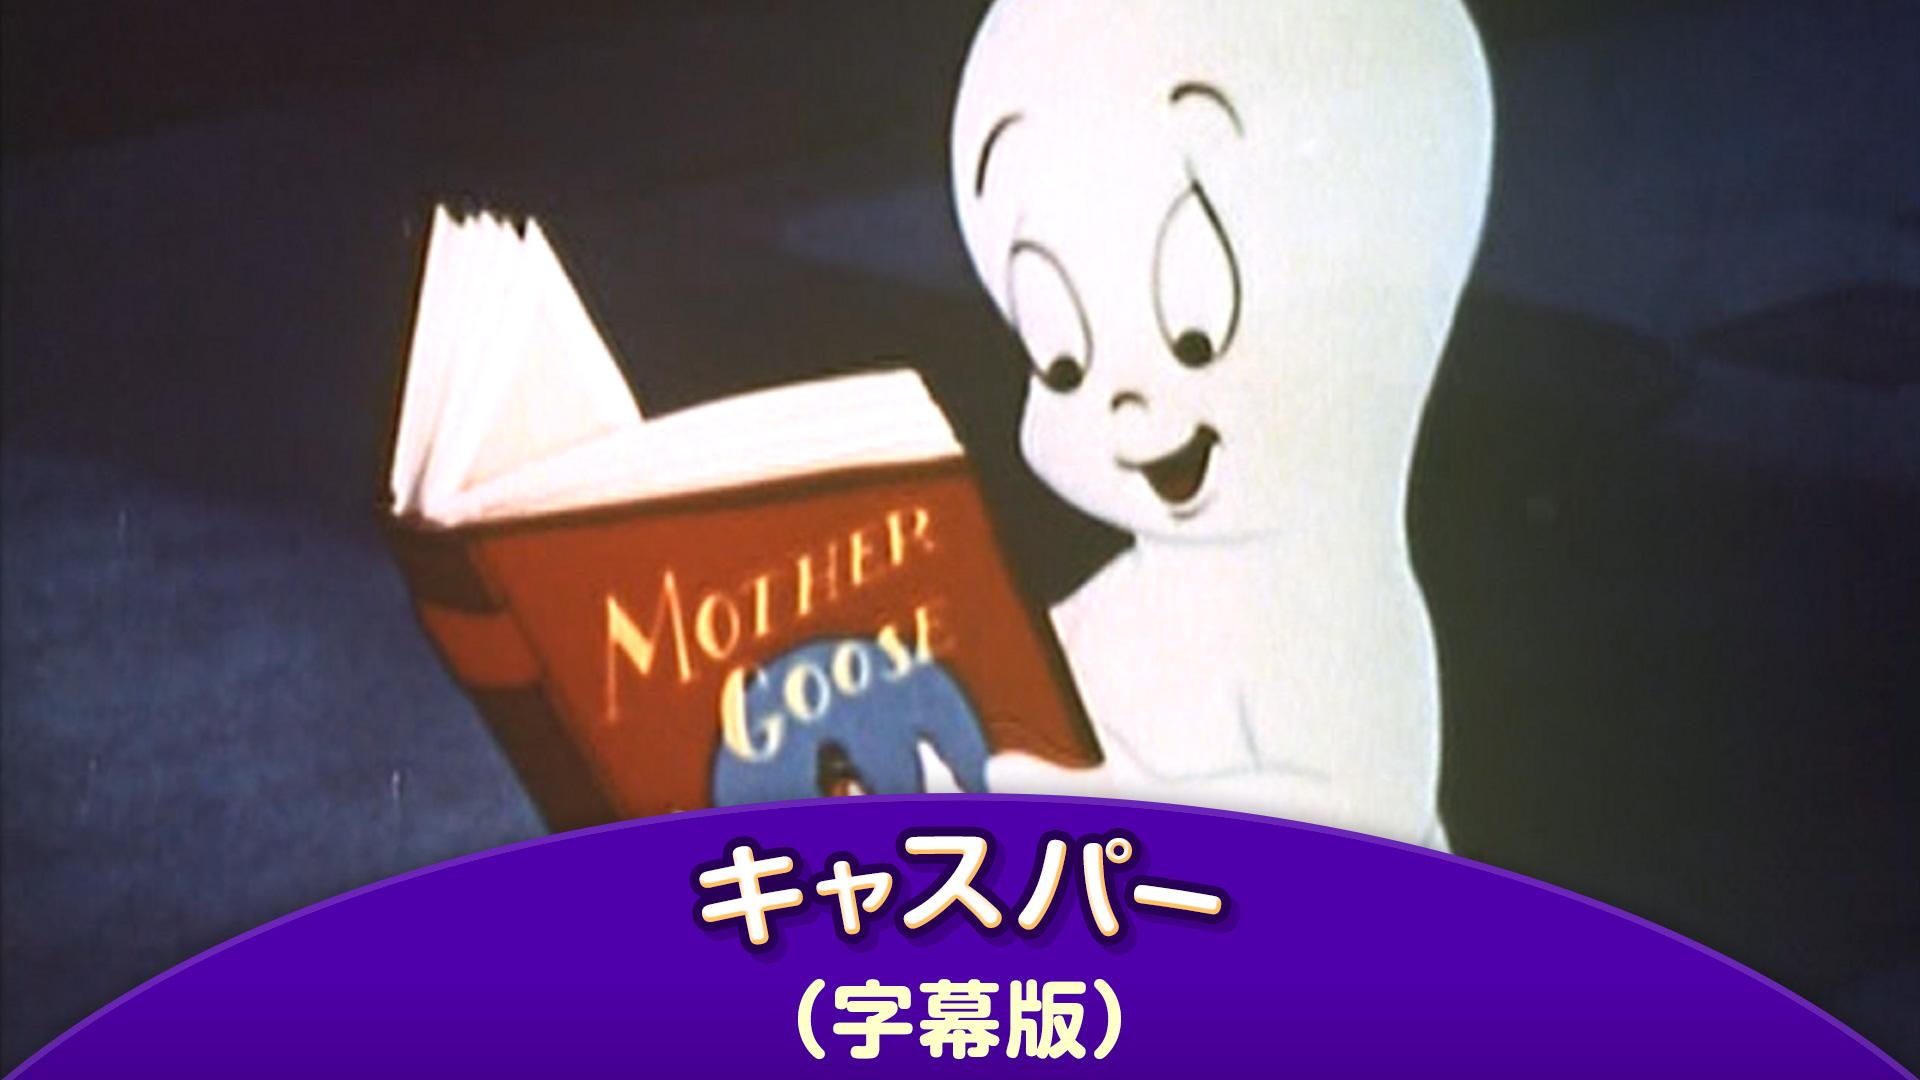 キャスパー(字幕版)